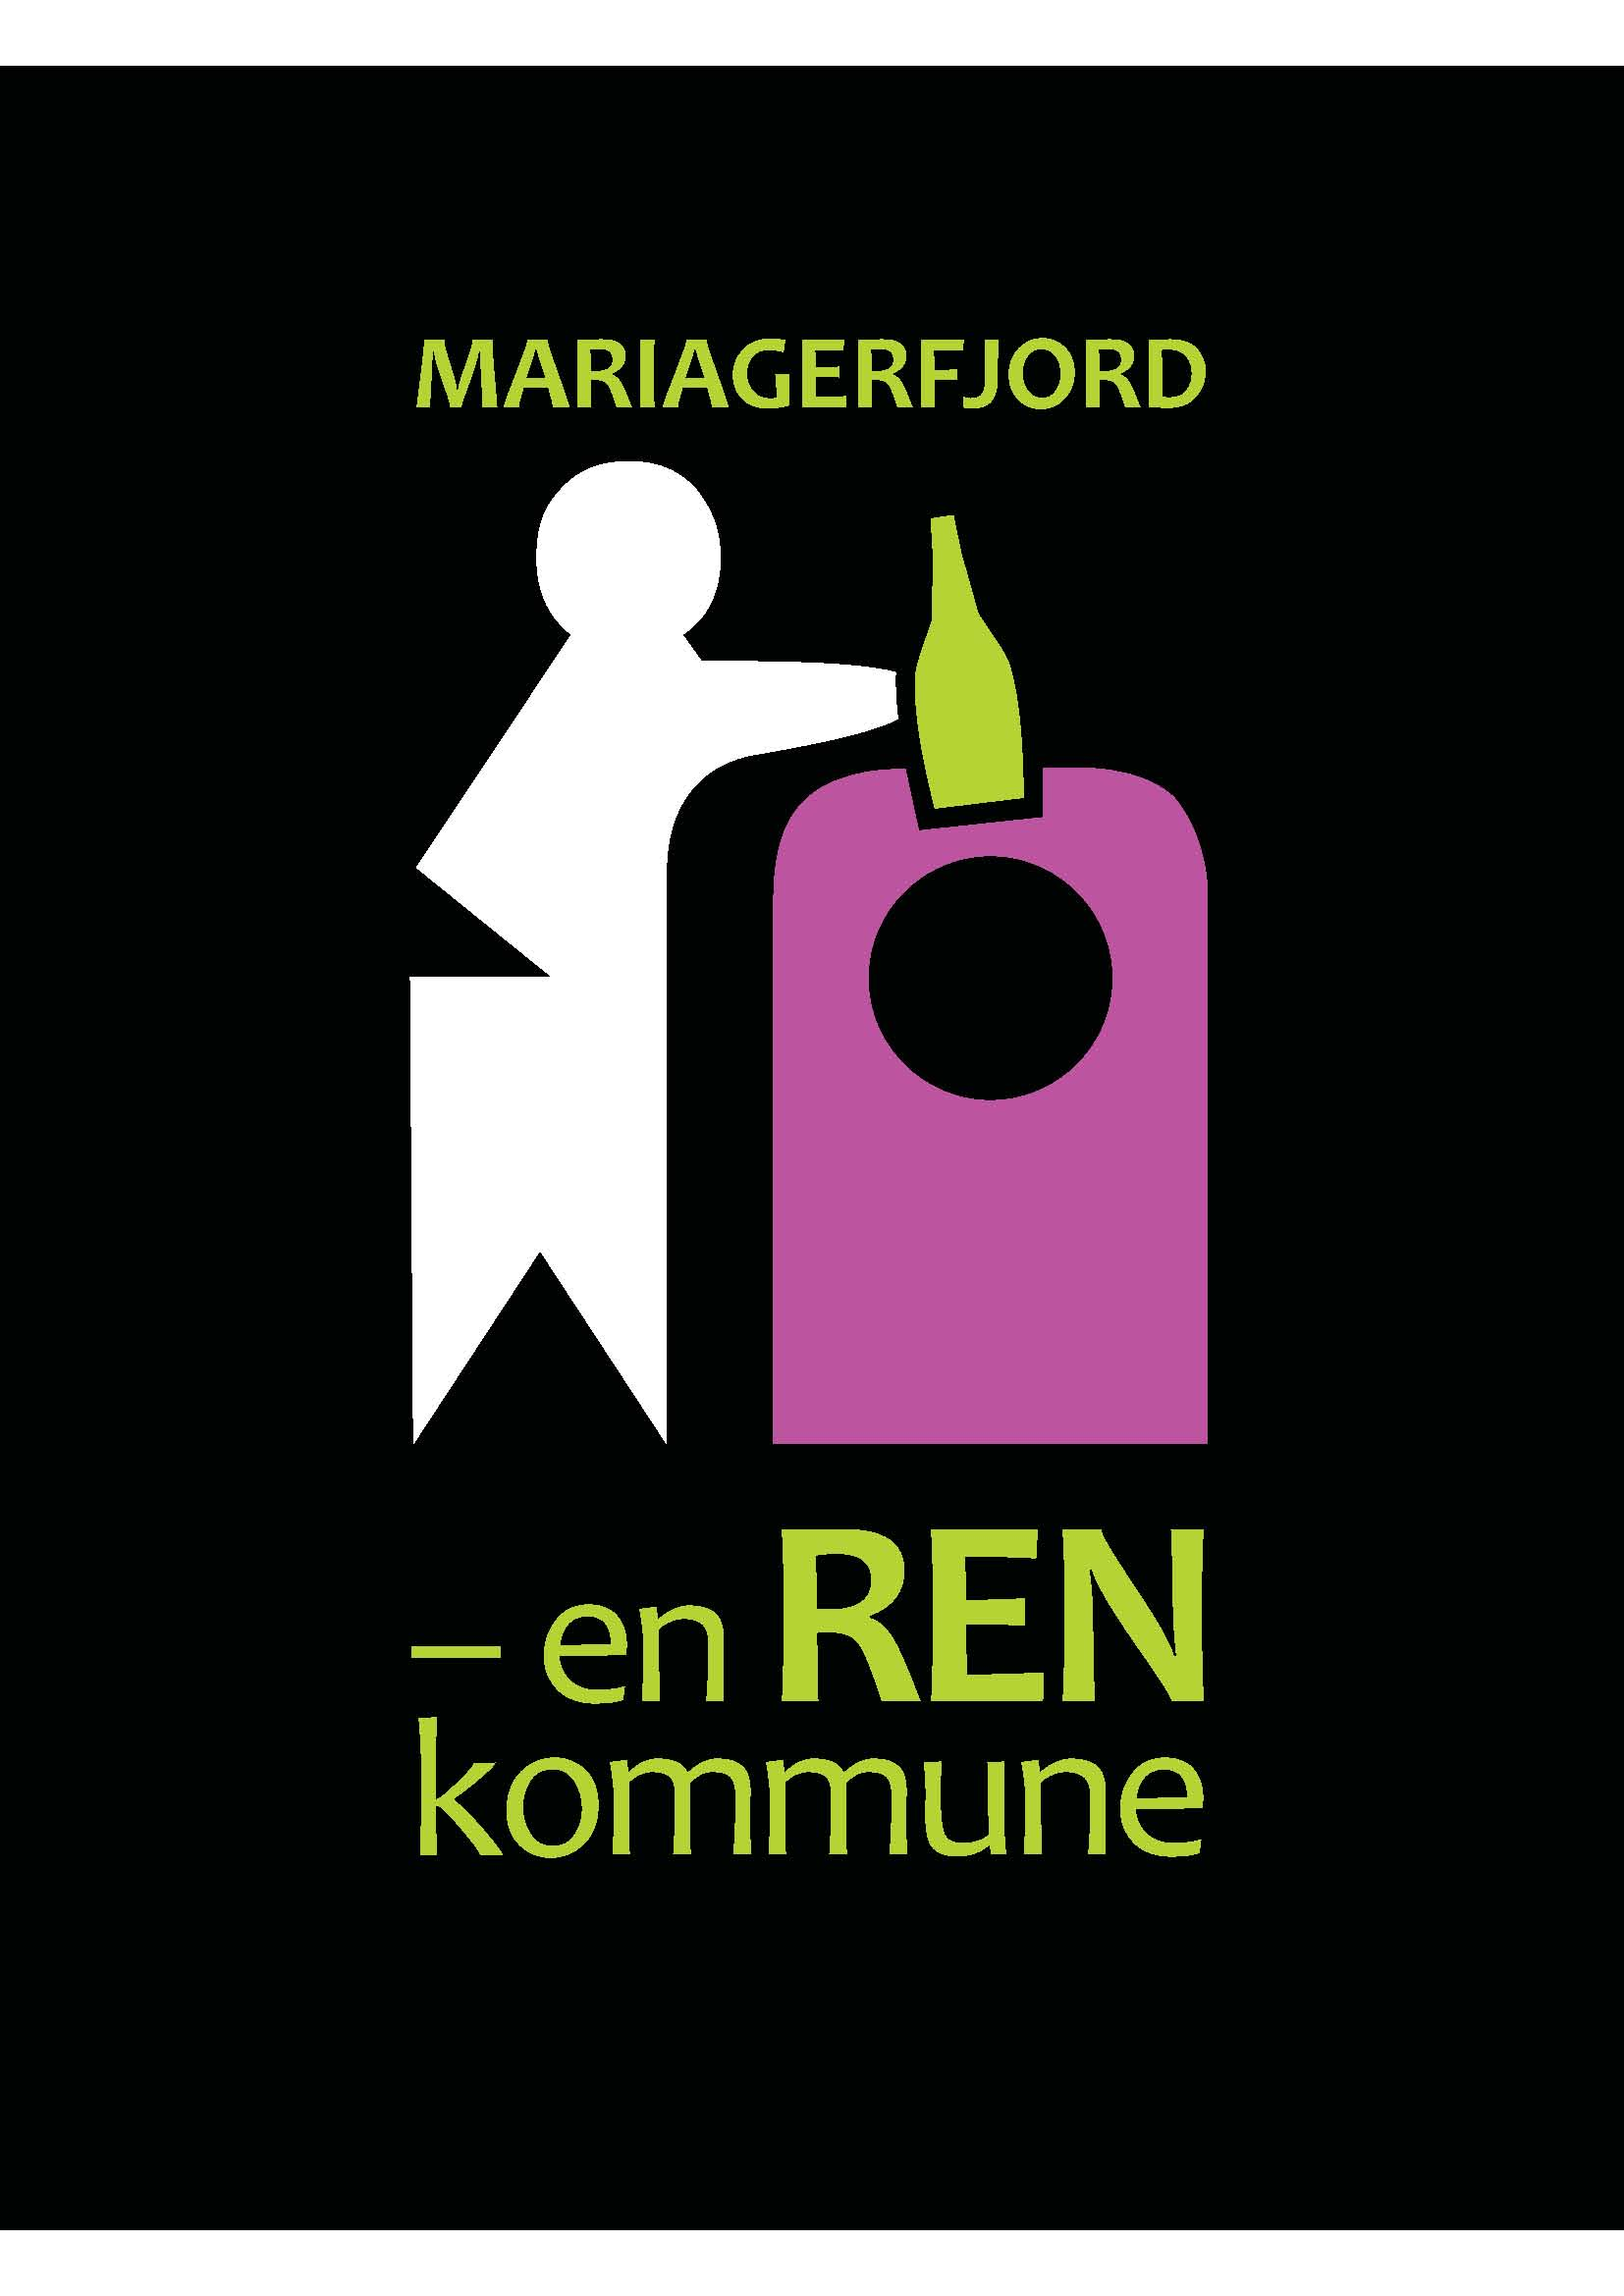 Mariagerfjord – Danmarks reneste kommune